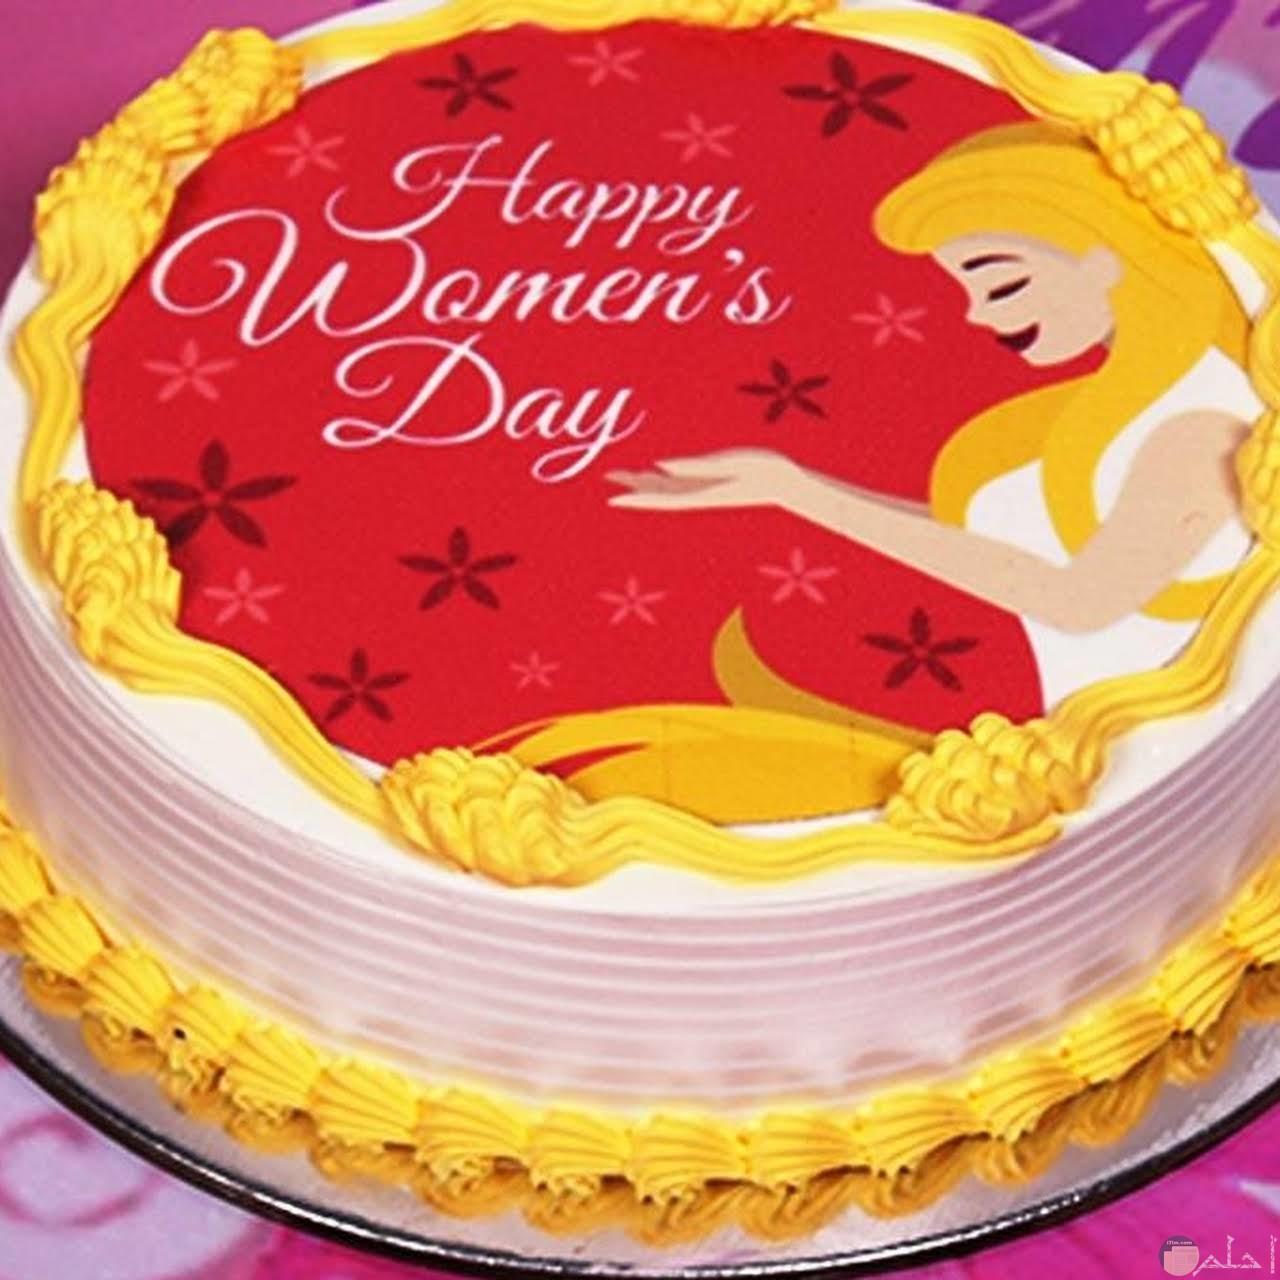 تورتة مزينة و مكتوب عليها Happy women's day